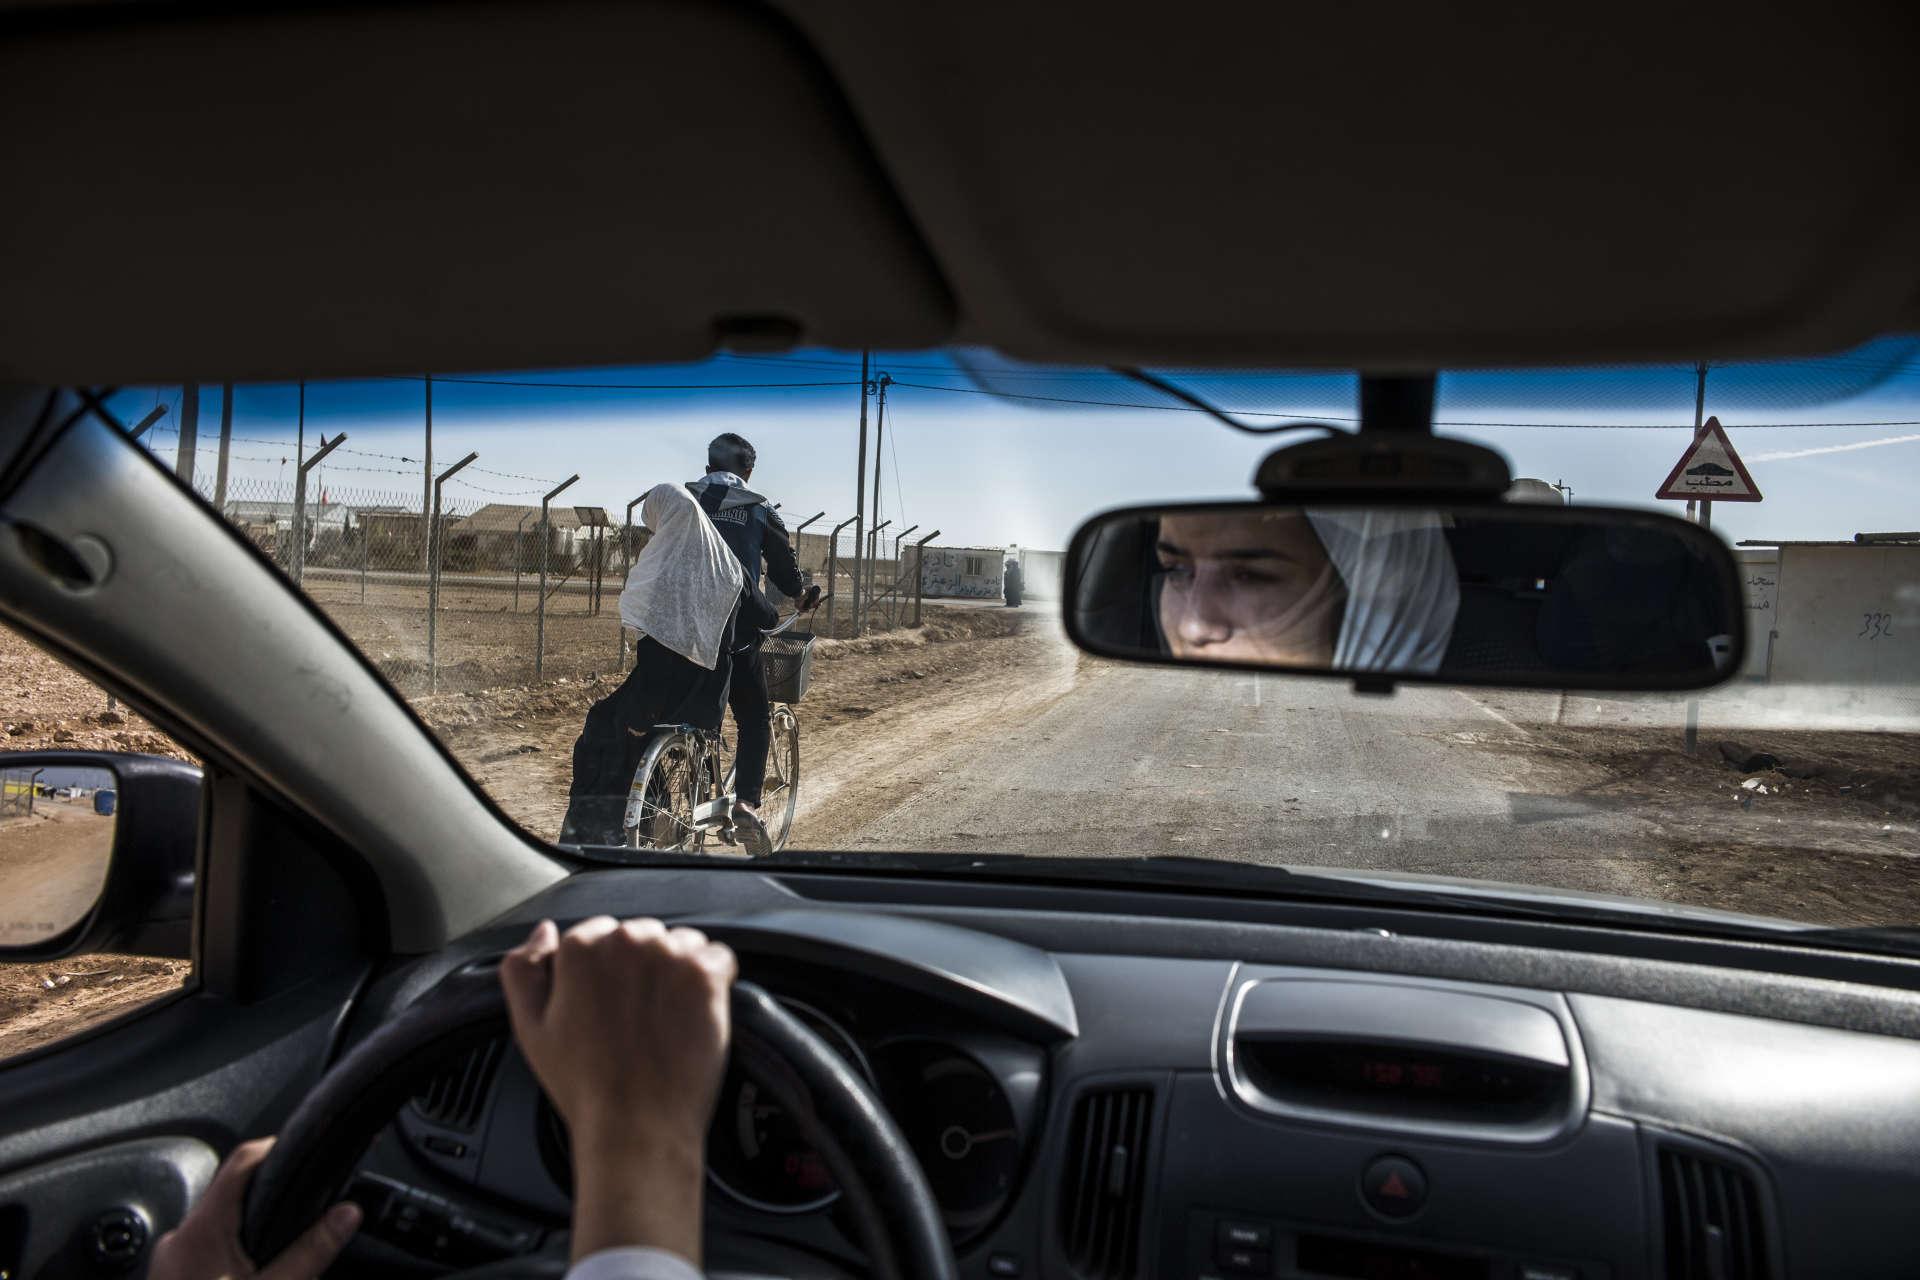 Haneen et sa meilleure amie Yasmeen se rendent régulièrement au camp de réfugiés de Zaatari, au nord de la Jordanie. Tous les matins, des dizaines de fillettes syriennes foulent le terrain, à l'abri des regards et donc de la pression de la communauté. Le football casse le rythme de la vie quotidienne du camp et permet de s'évader un moment, autant que faire se peut, de la réalité de la vie en exil.